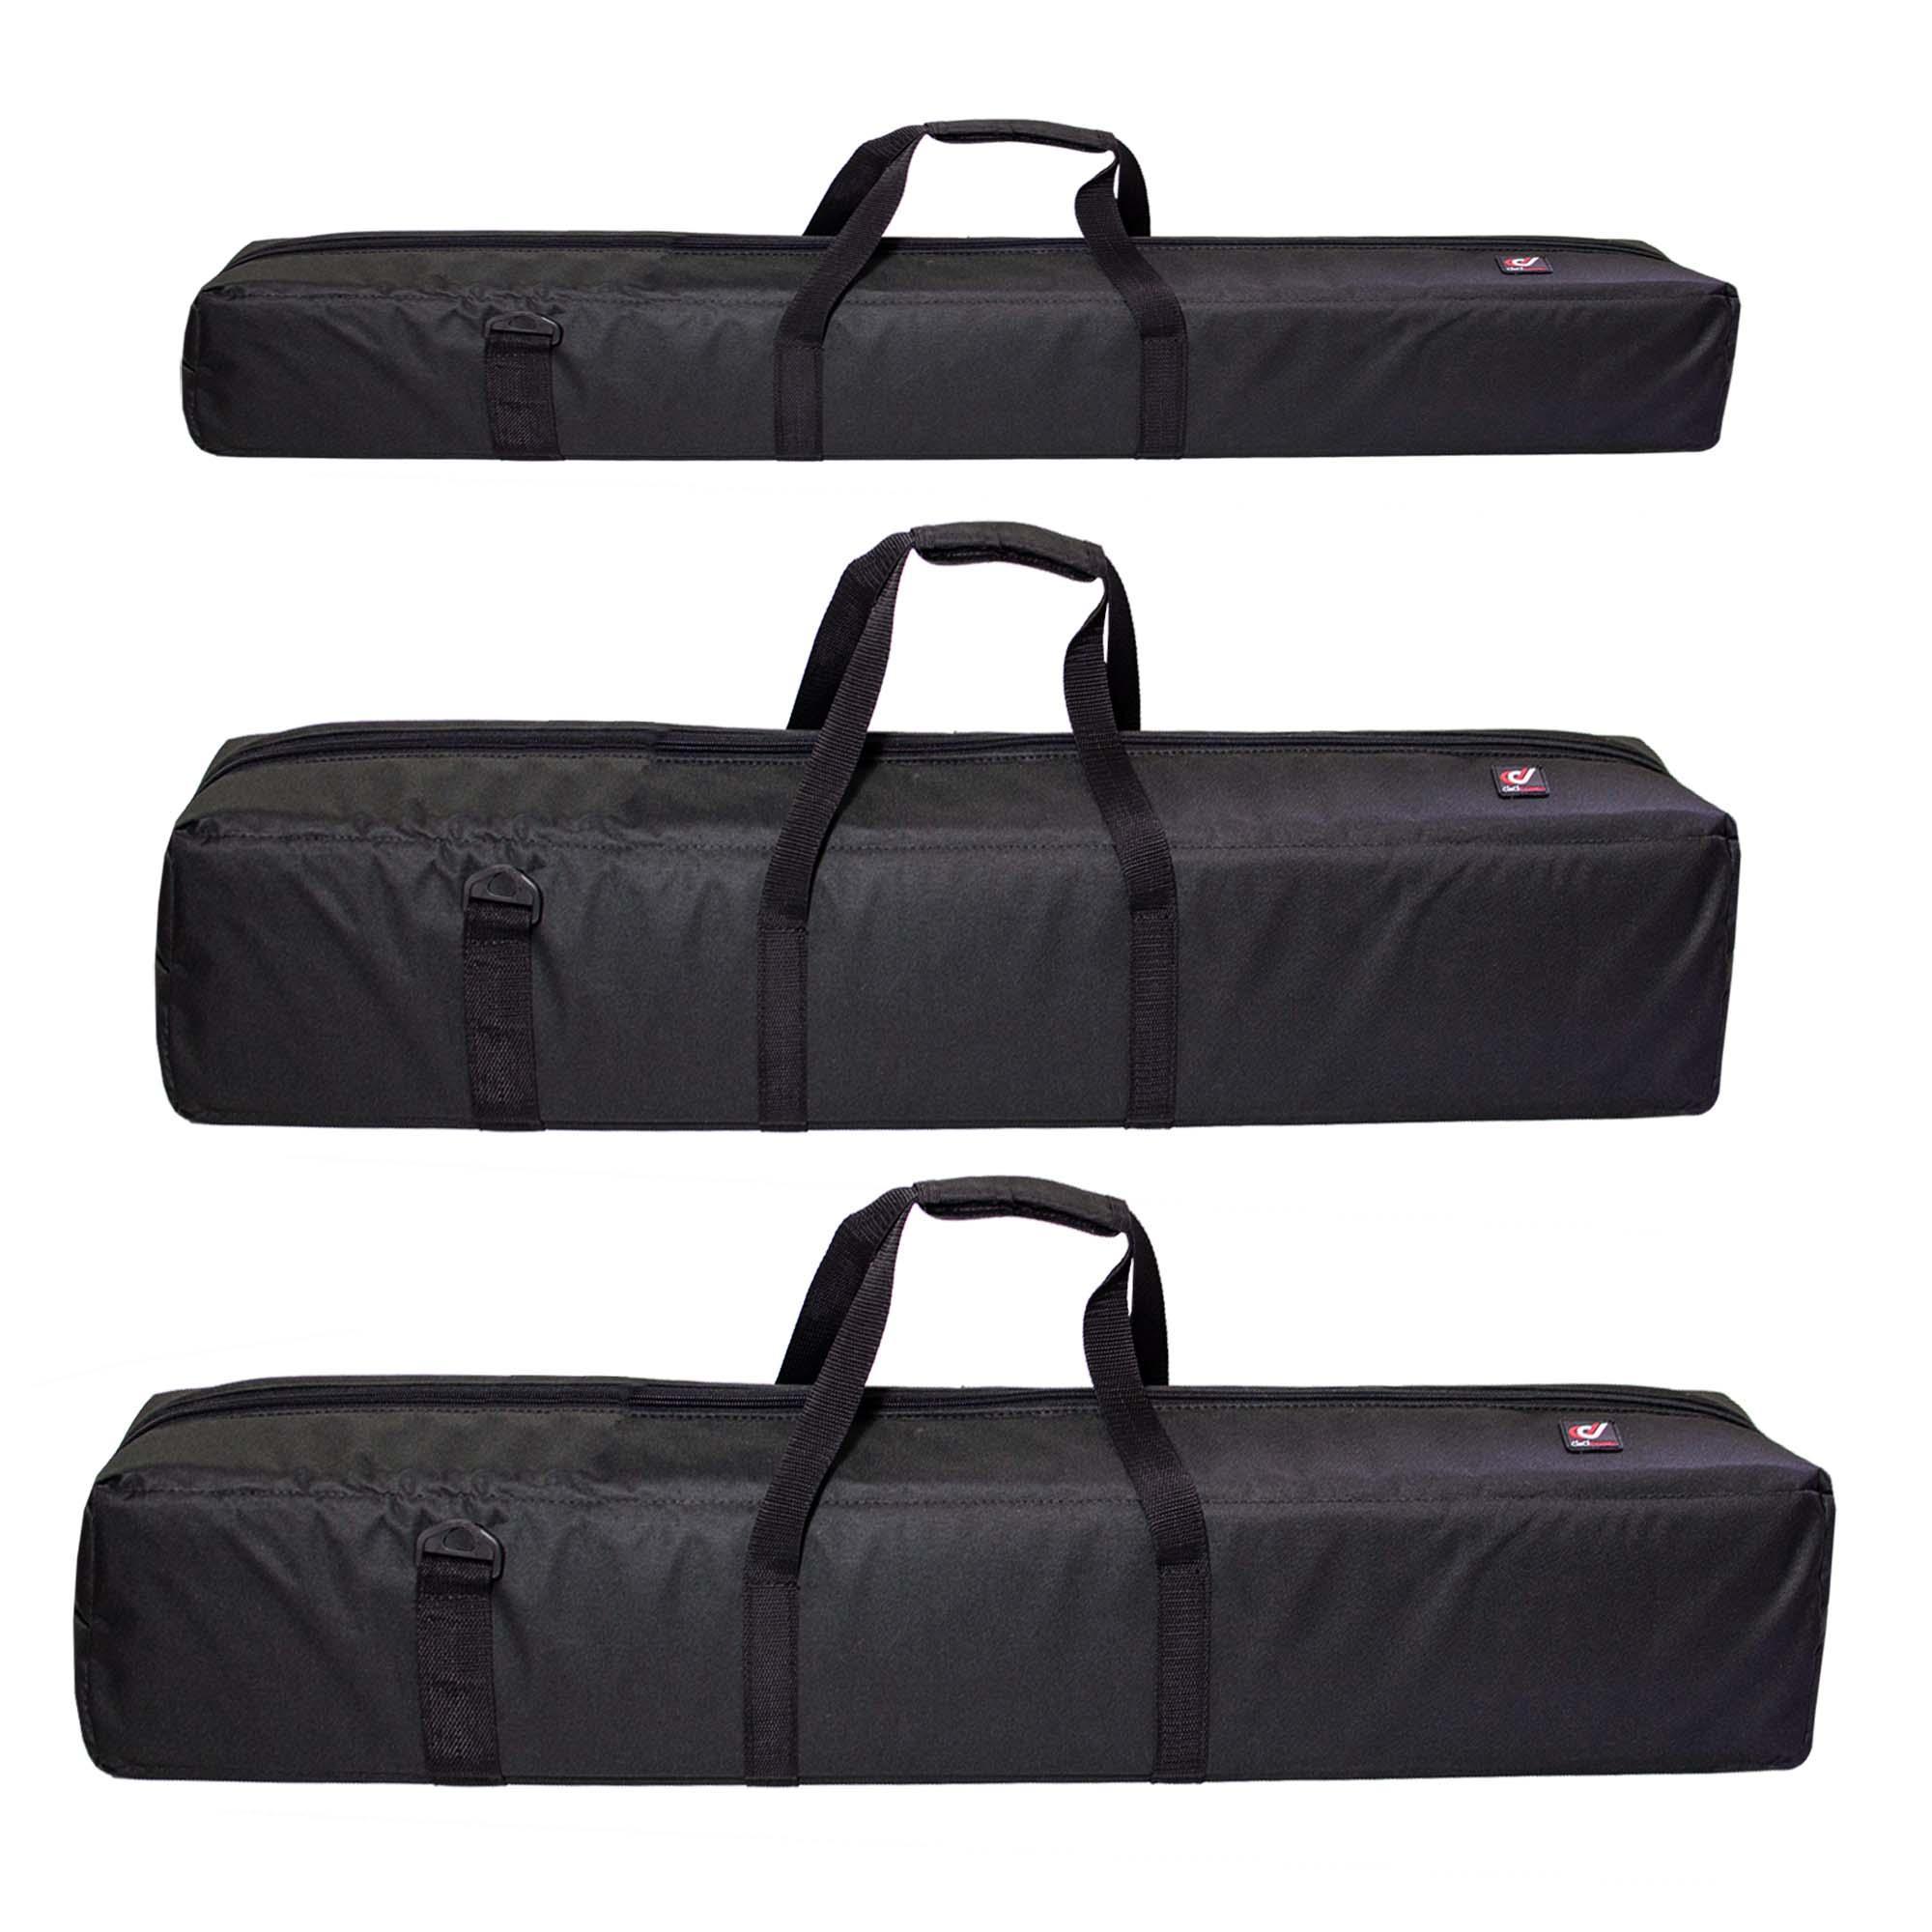 Capa Case ou Bag de Tripé ou Instrumento Musical ou Telescópio Ded em Nylon Bolsa C/ Espuma